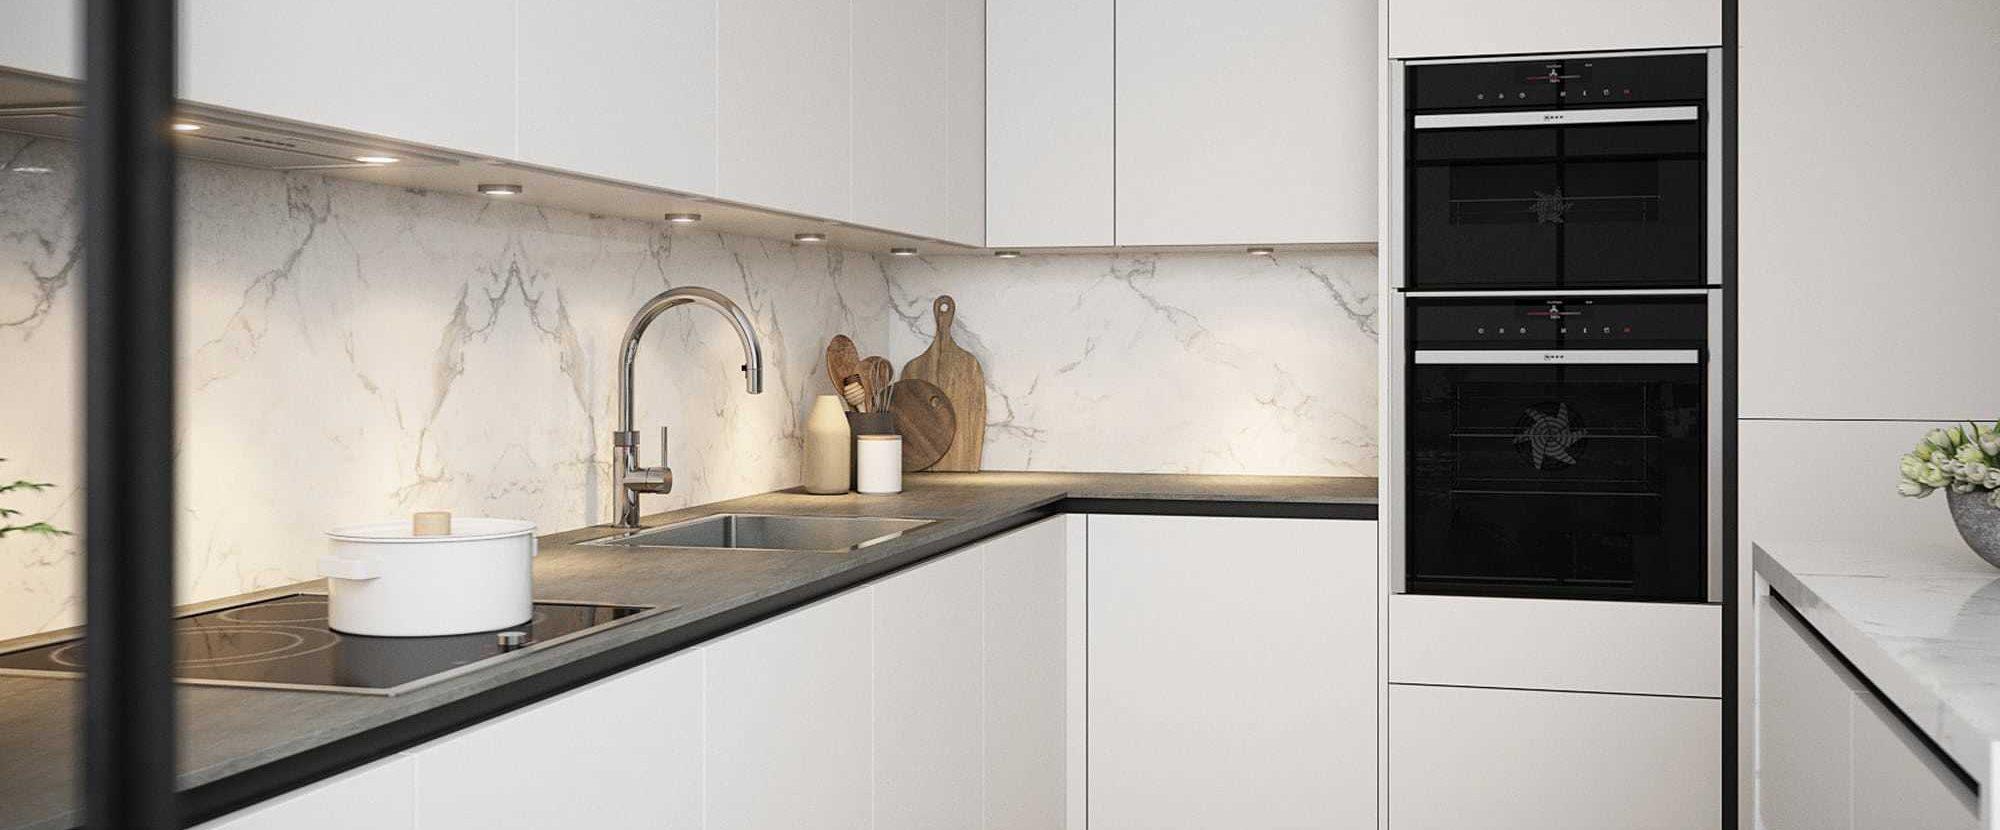 daval camden cameo small kitchen